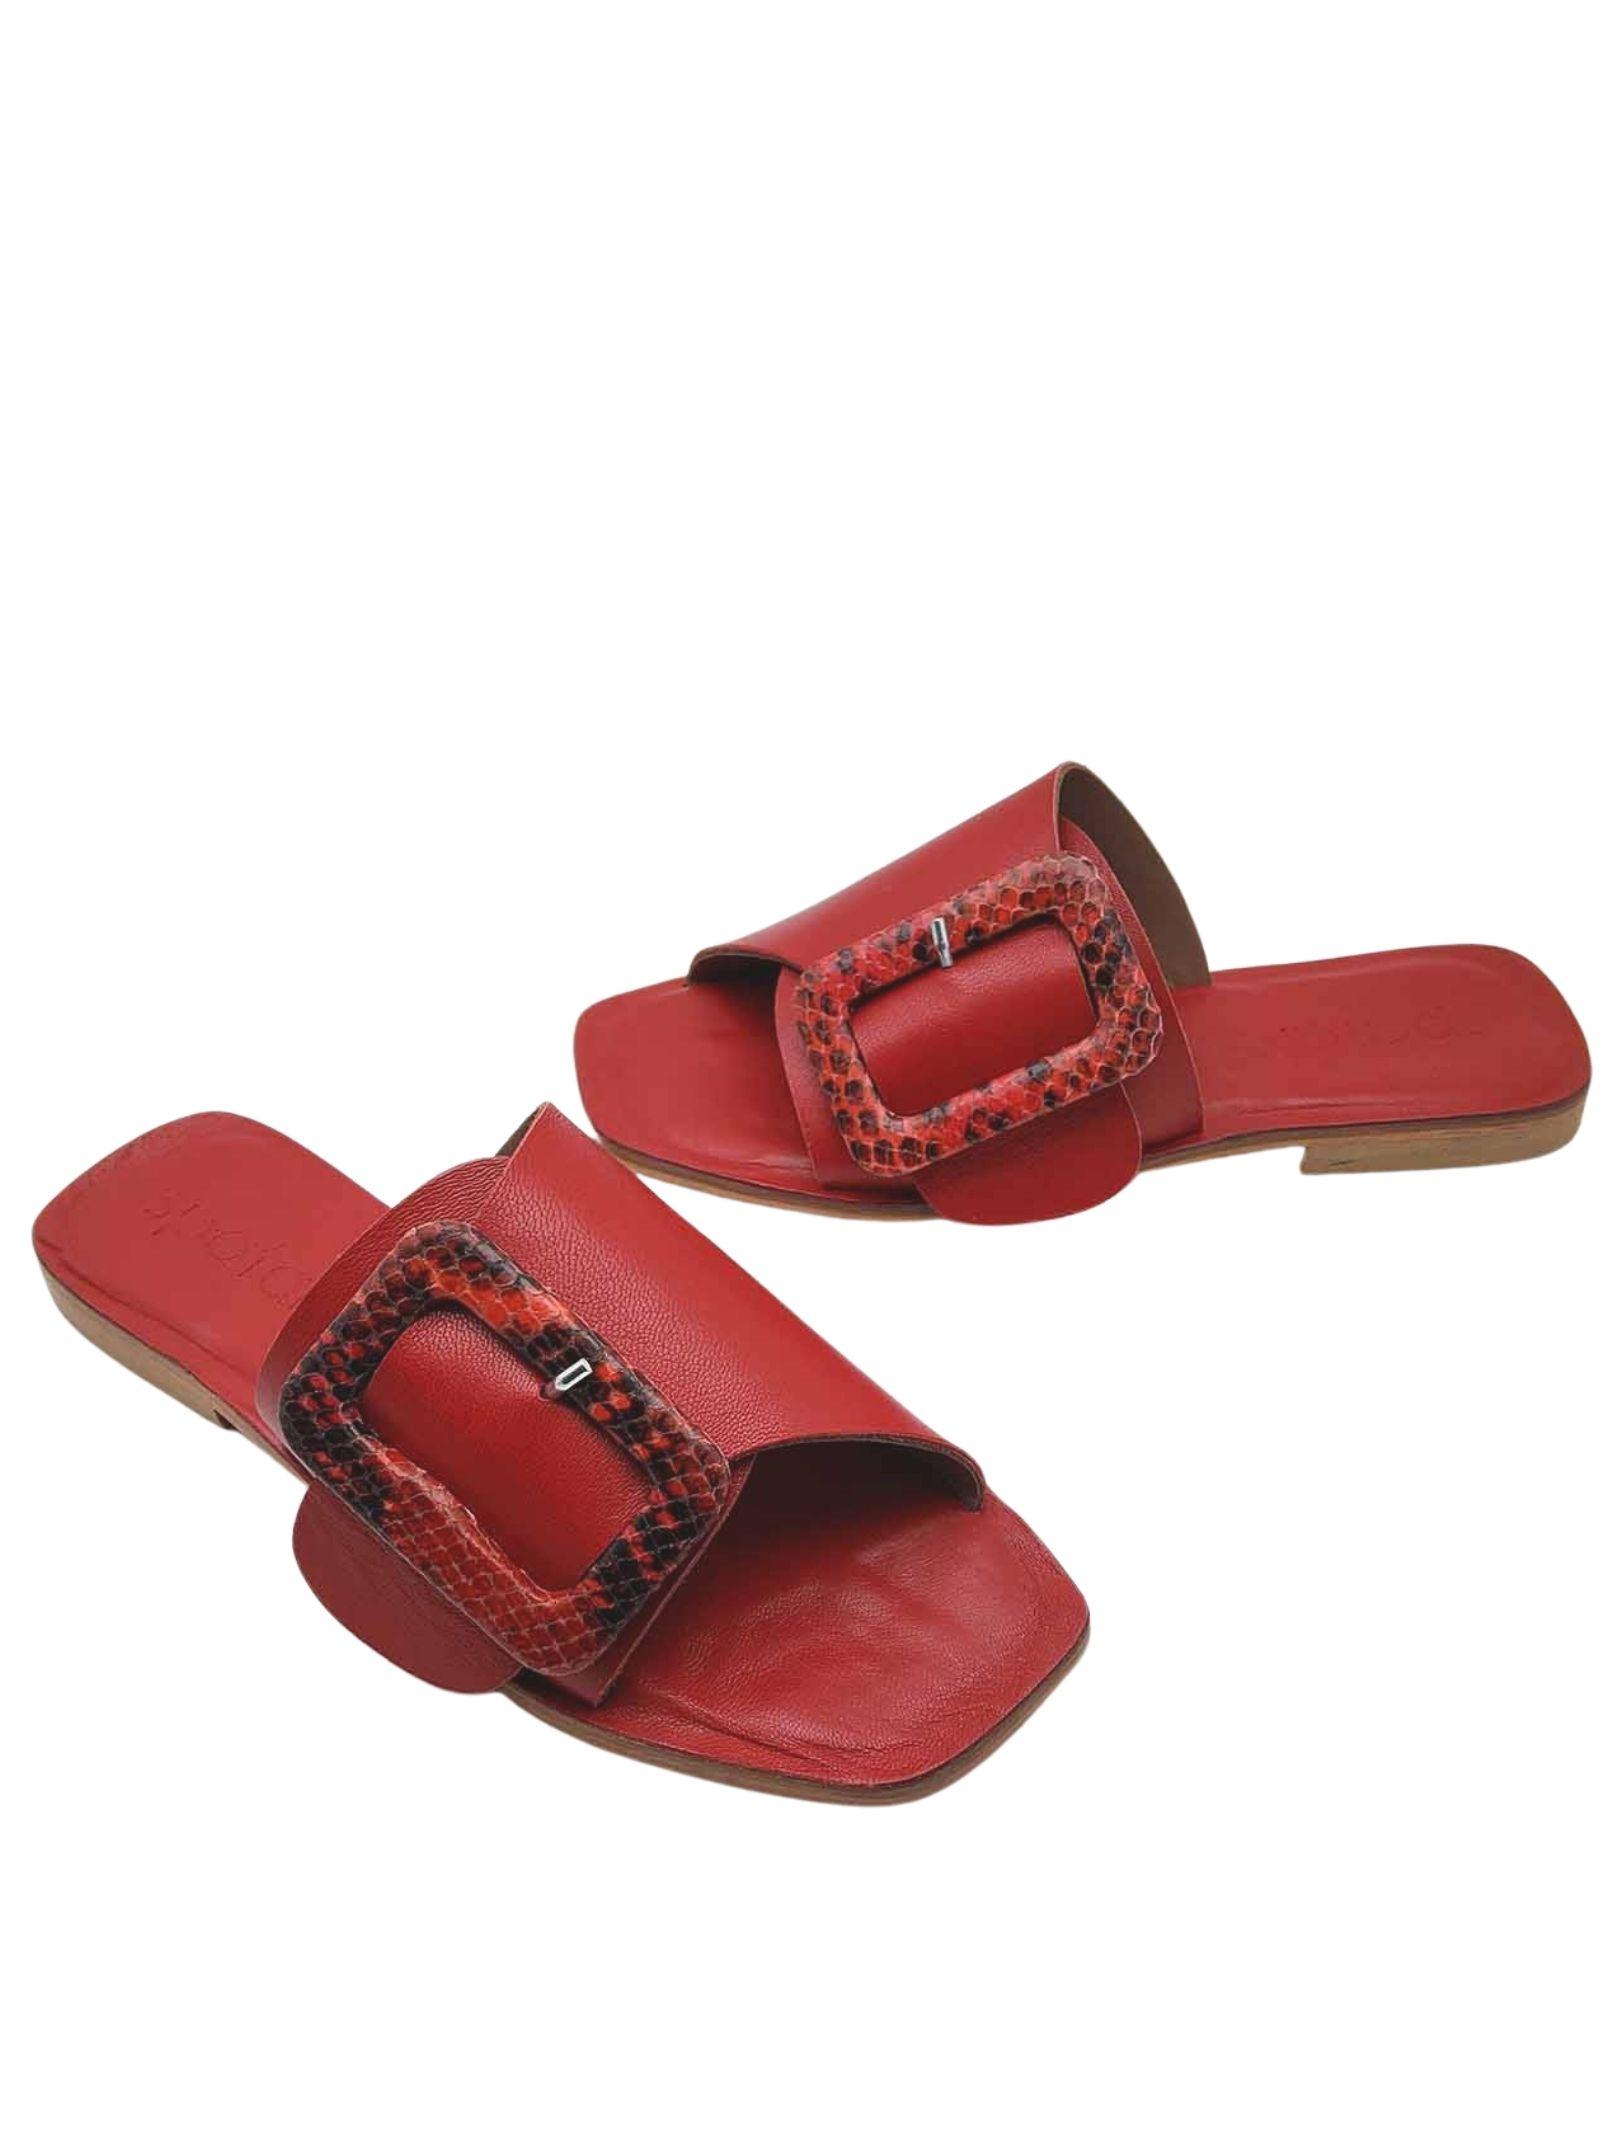 Calzature Donna Sandali Bassi in Pelle Rossa ad Incrocio con Fibbia Rivestita in Pitone Tono Su Tono Spatarella   Sandali Flat   DI15017